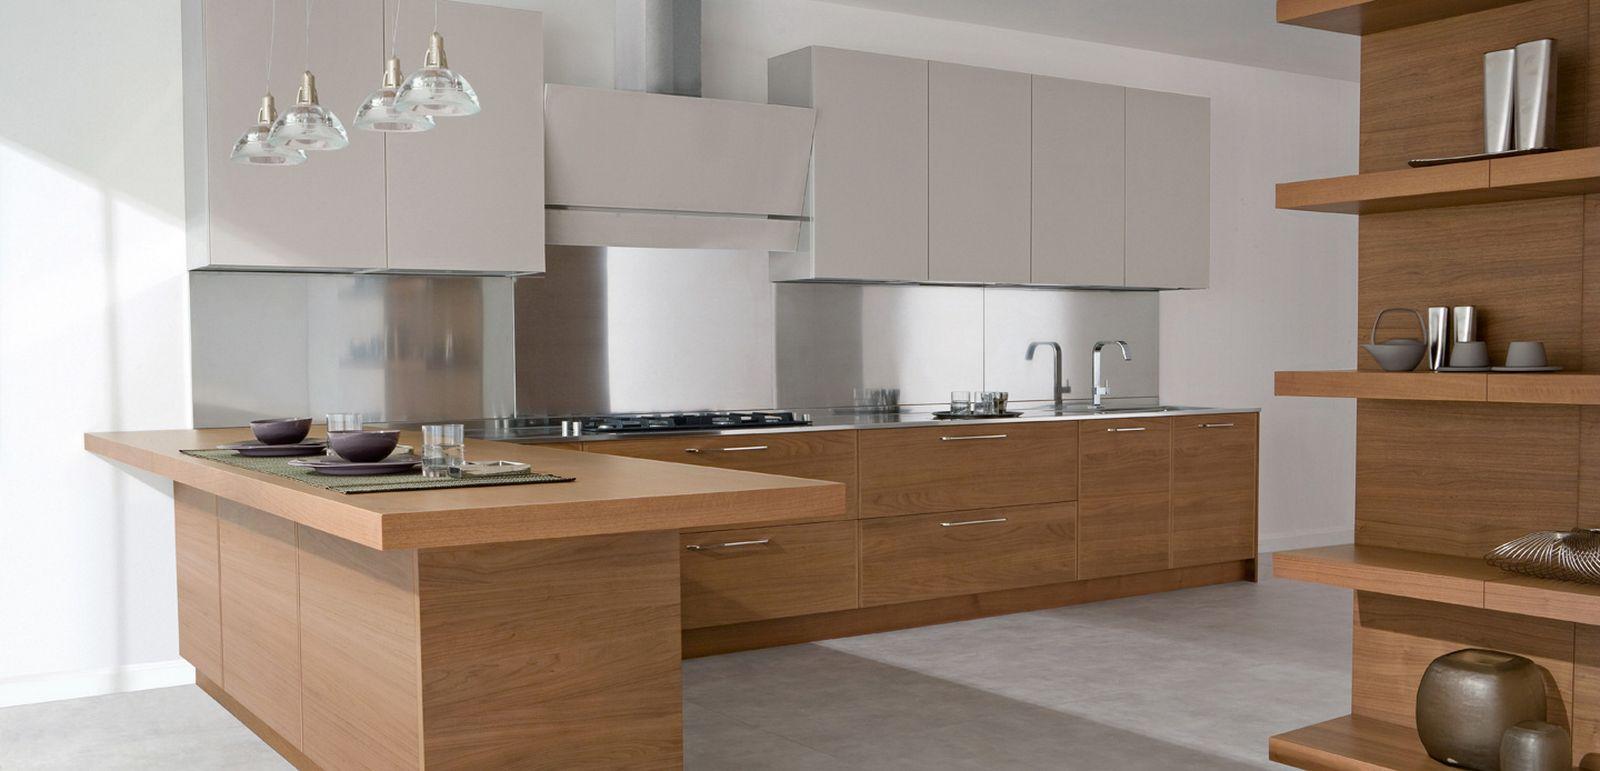 Luxury Modern Kitchen Design Ideas My Decorative